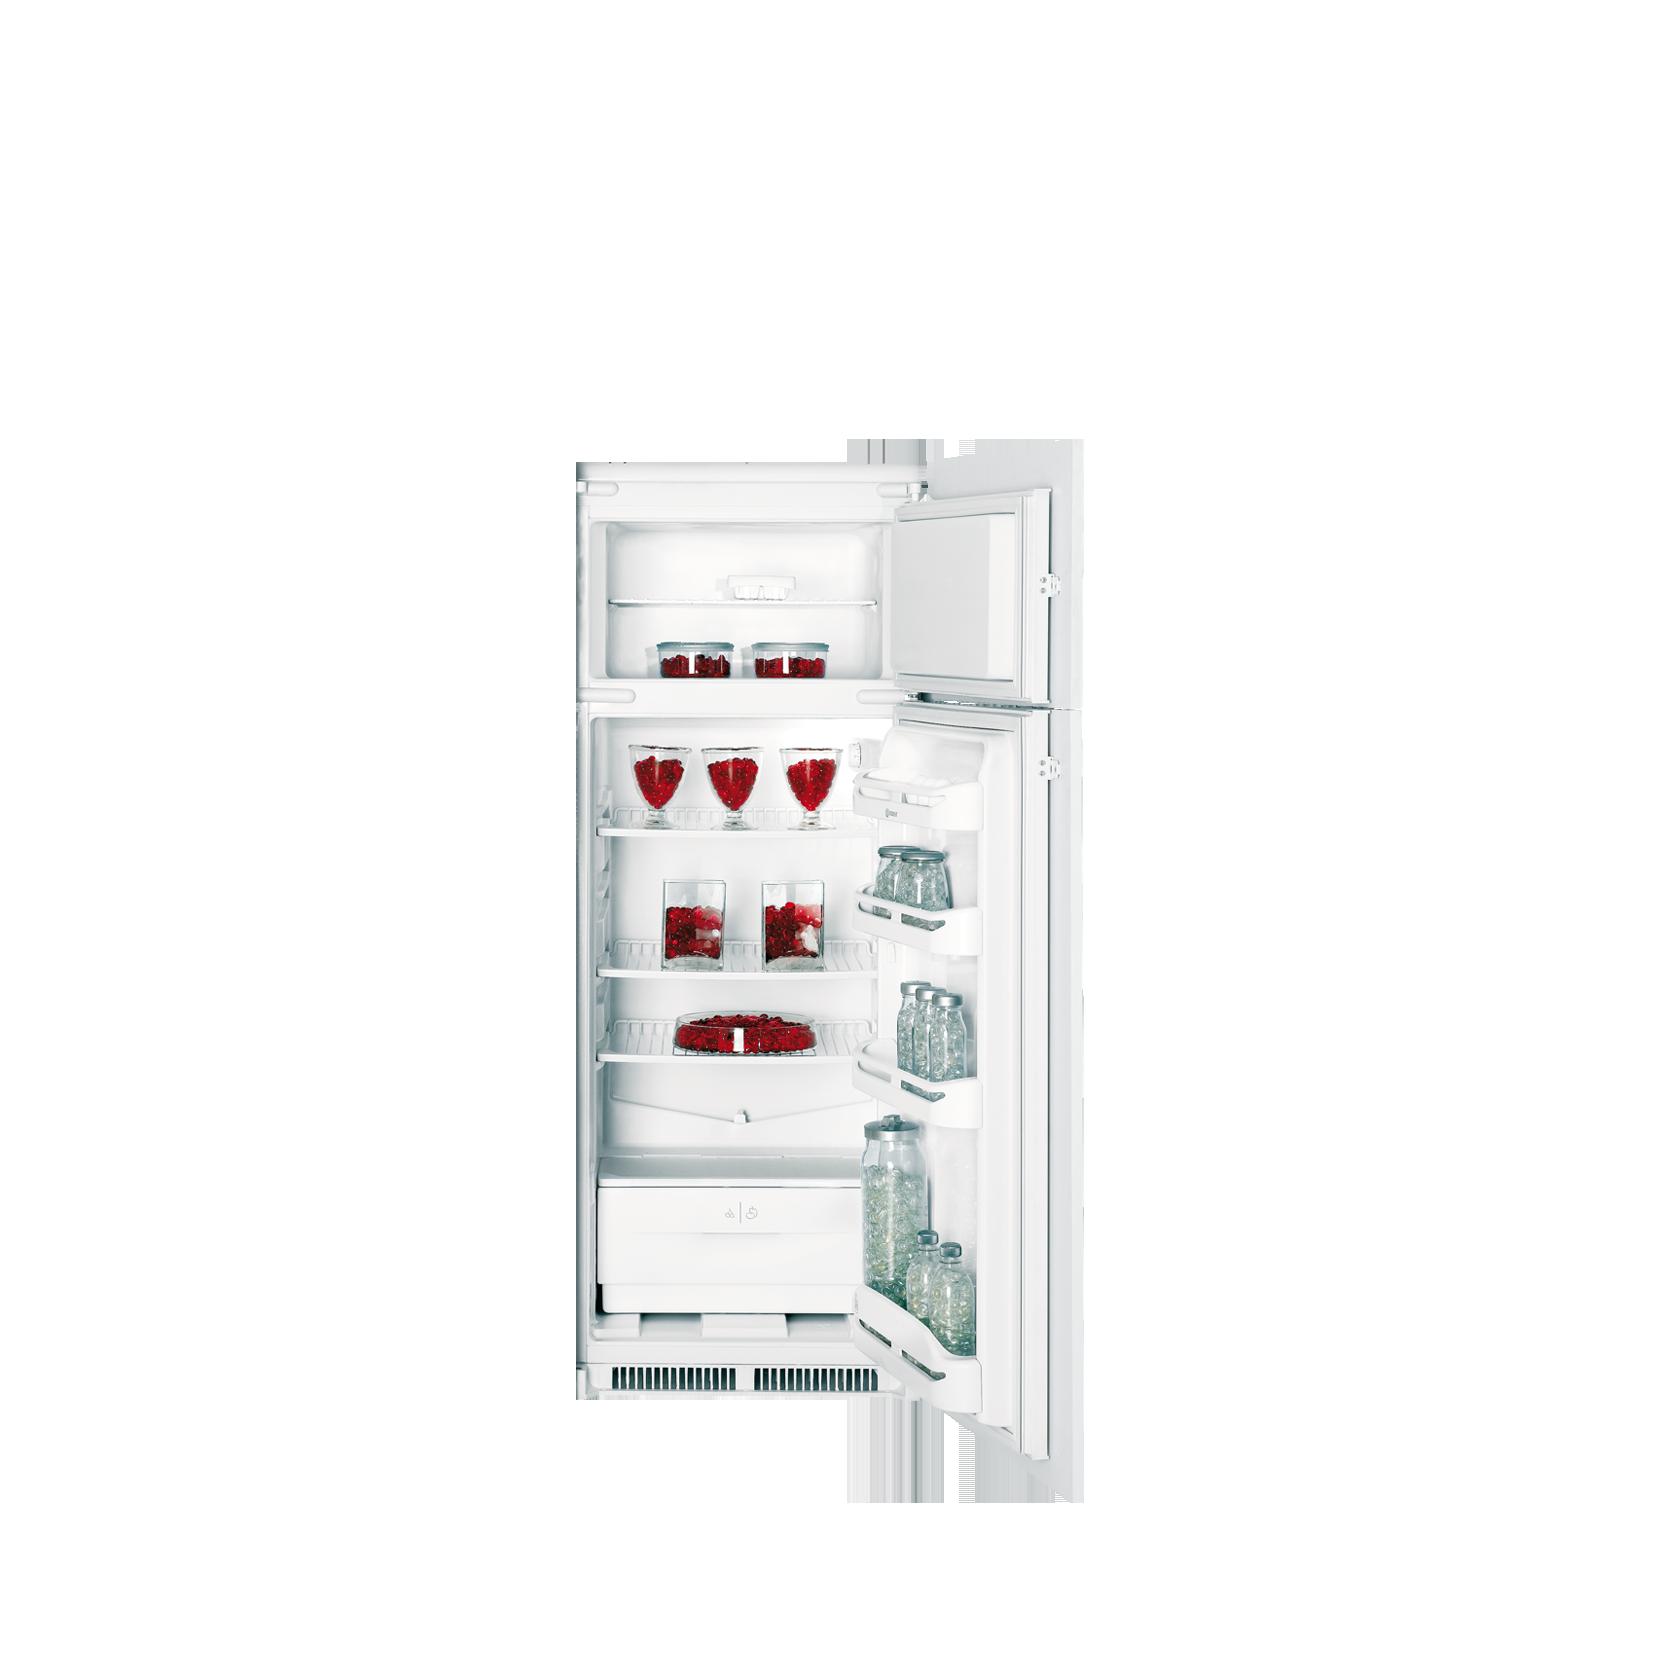 Frigorifero da incasso indesit ind2412 classe a doppia - Cambiare apertura porta frigorifero ariston ...